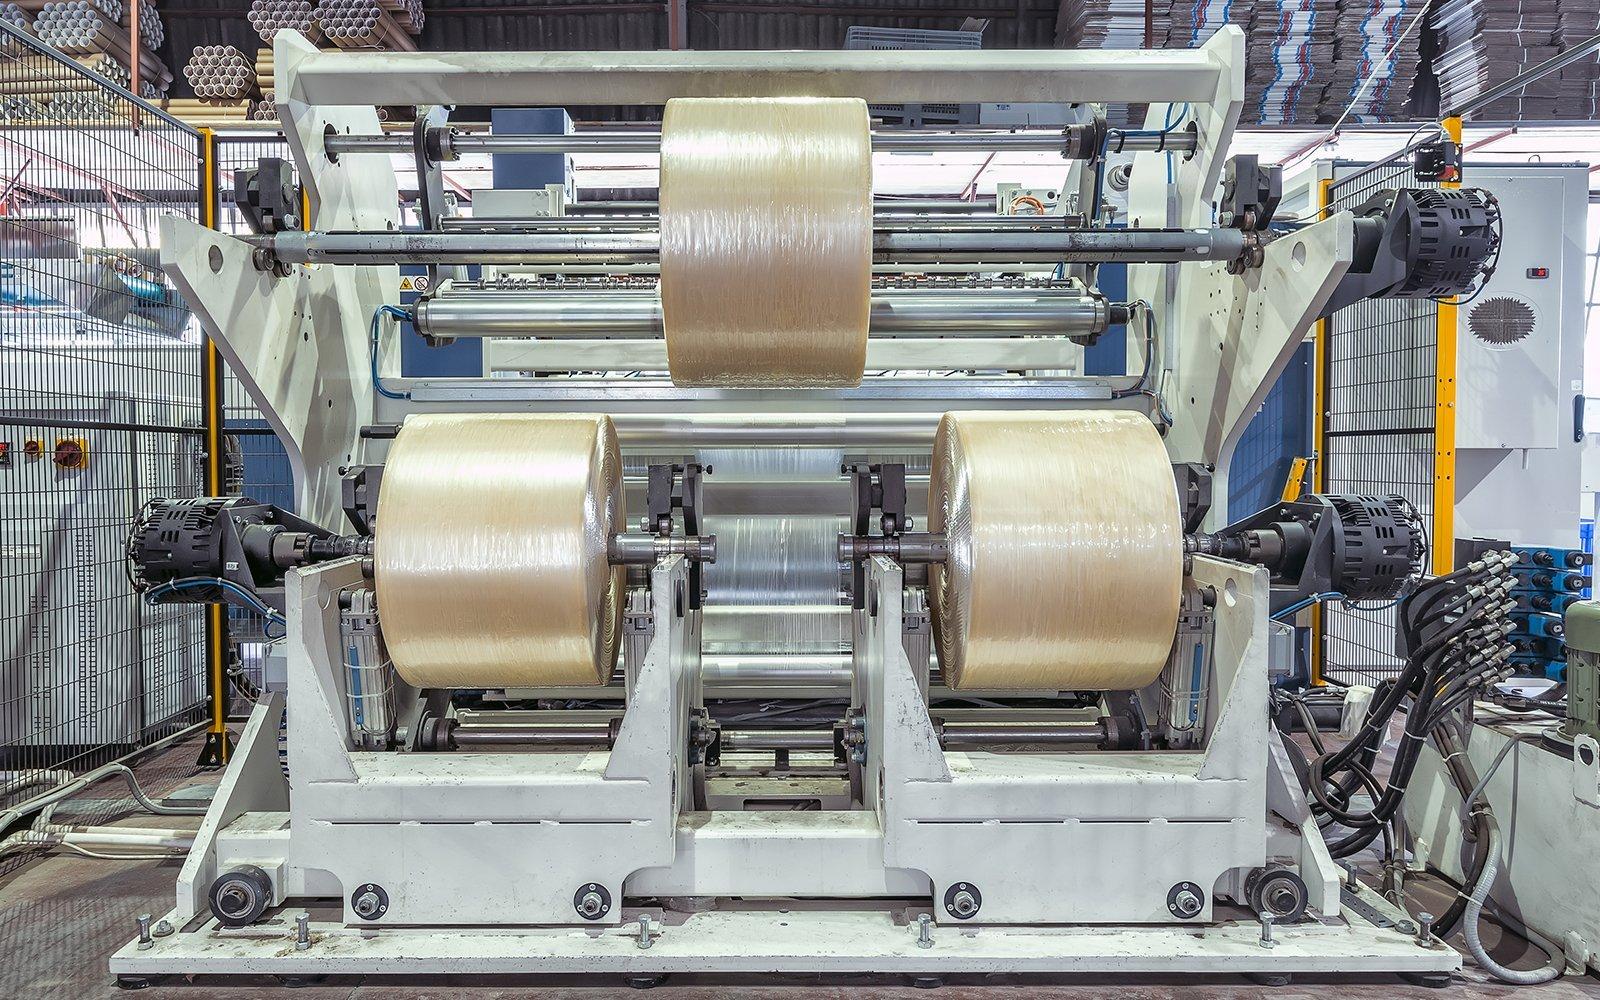 tre grossi rotoli di nastro in un macchinario